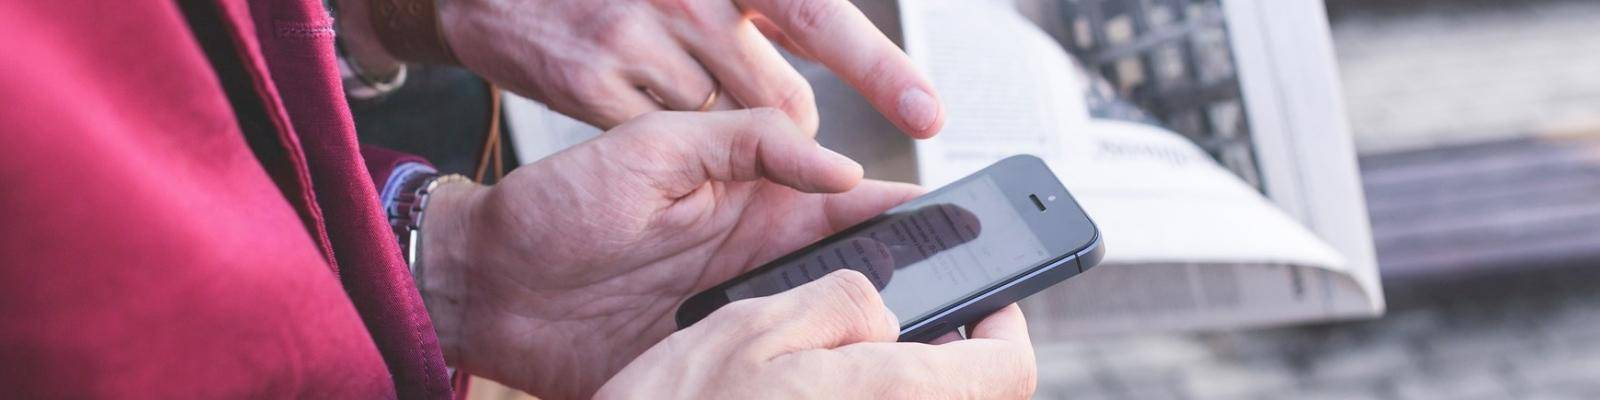 Persoon met smartphone